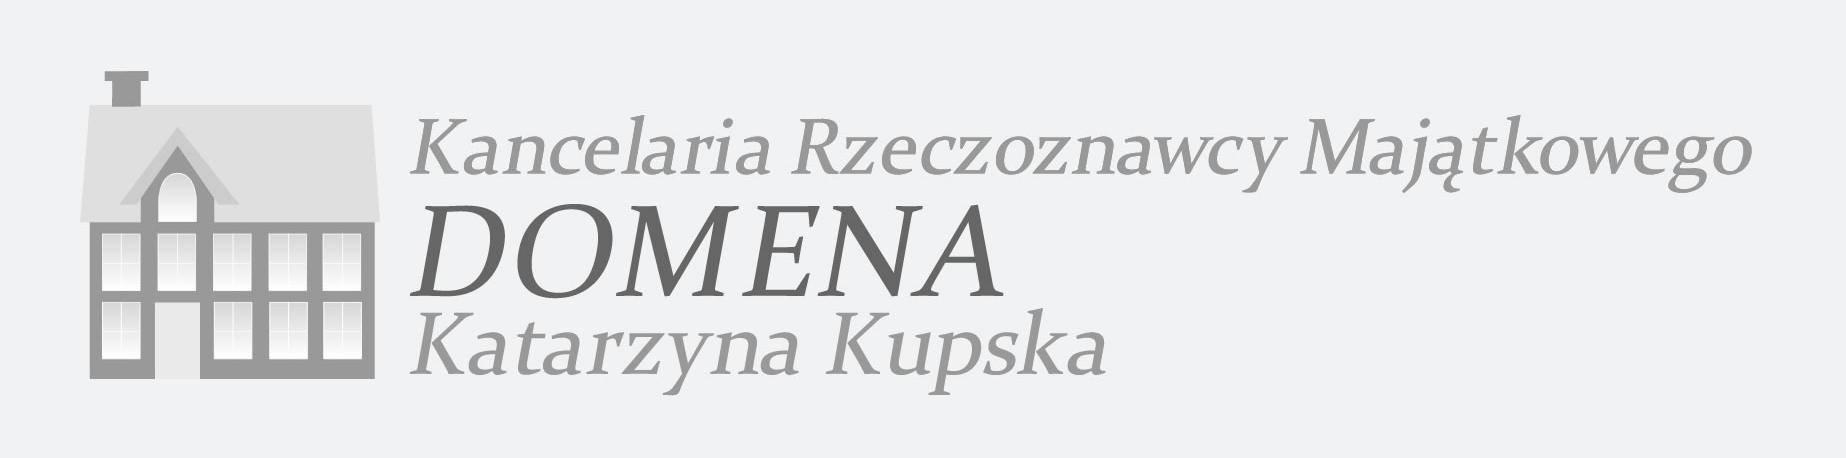 Kancelaria Rzeczoznawcy Majątkowego Domena Katarzyna Kupska Logo